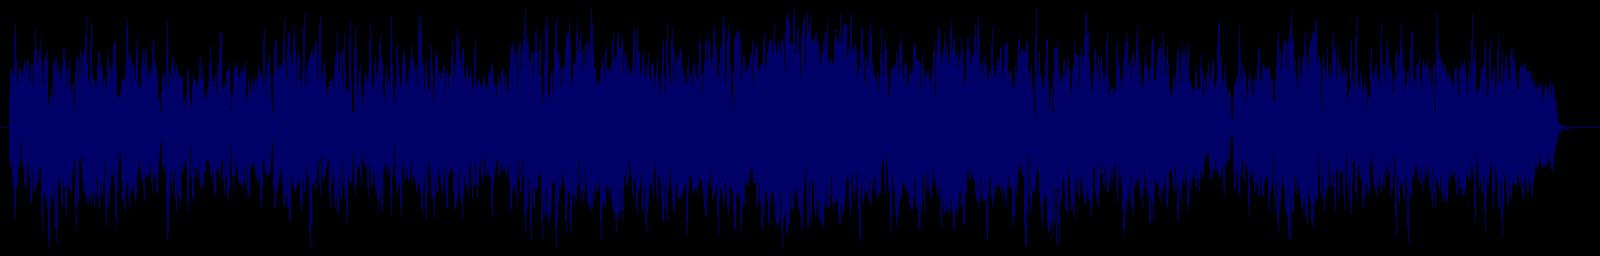 waveform of track #93783